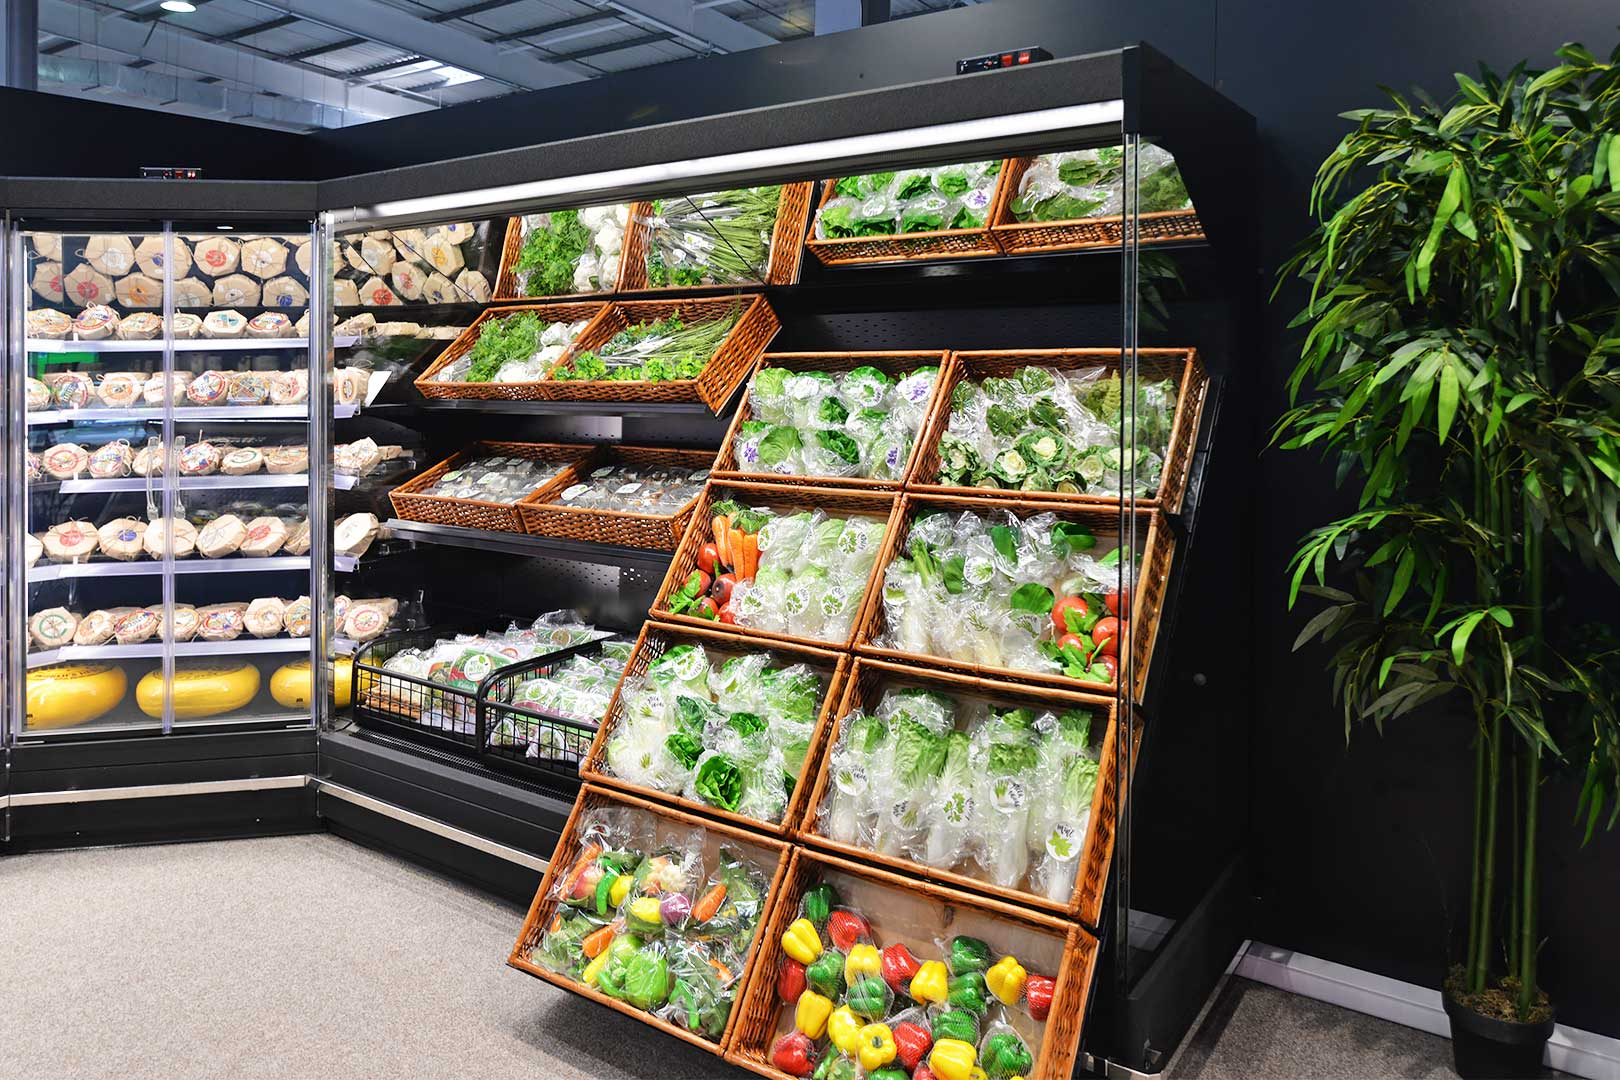 Пристінна вітрина Indiana MV 080 MT D 205-DLA-IS90, спеціалізована вітрина для продажу овочів та фруктів Indiana MV 080 FV O 205-DLA